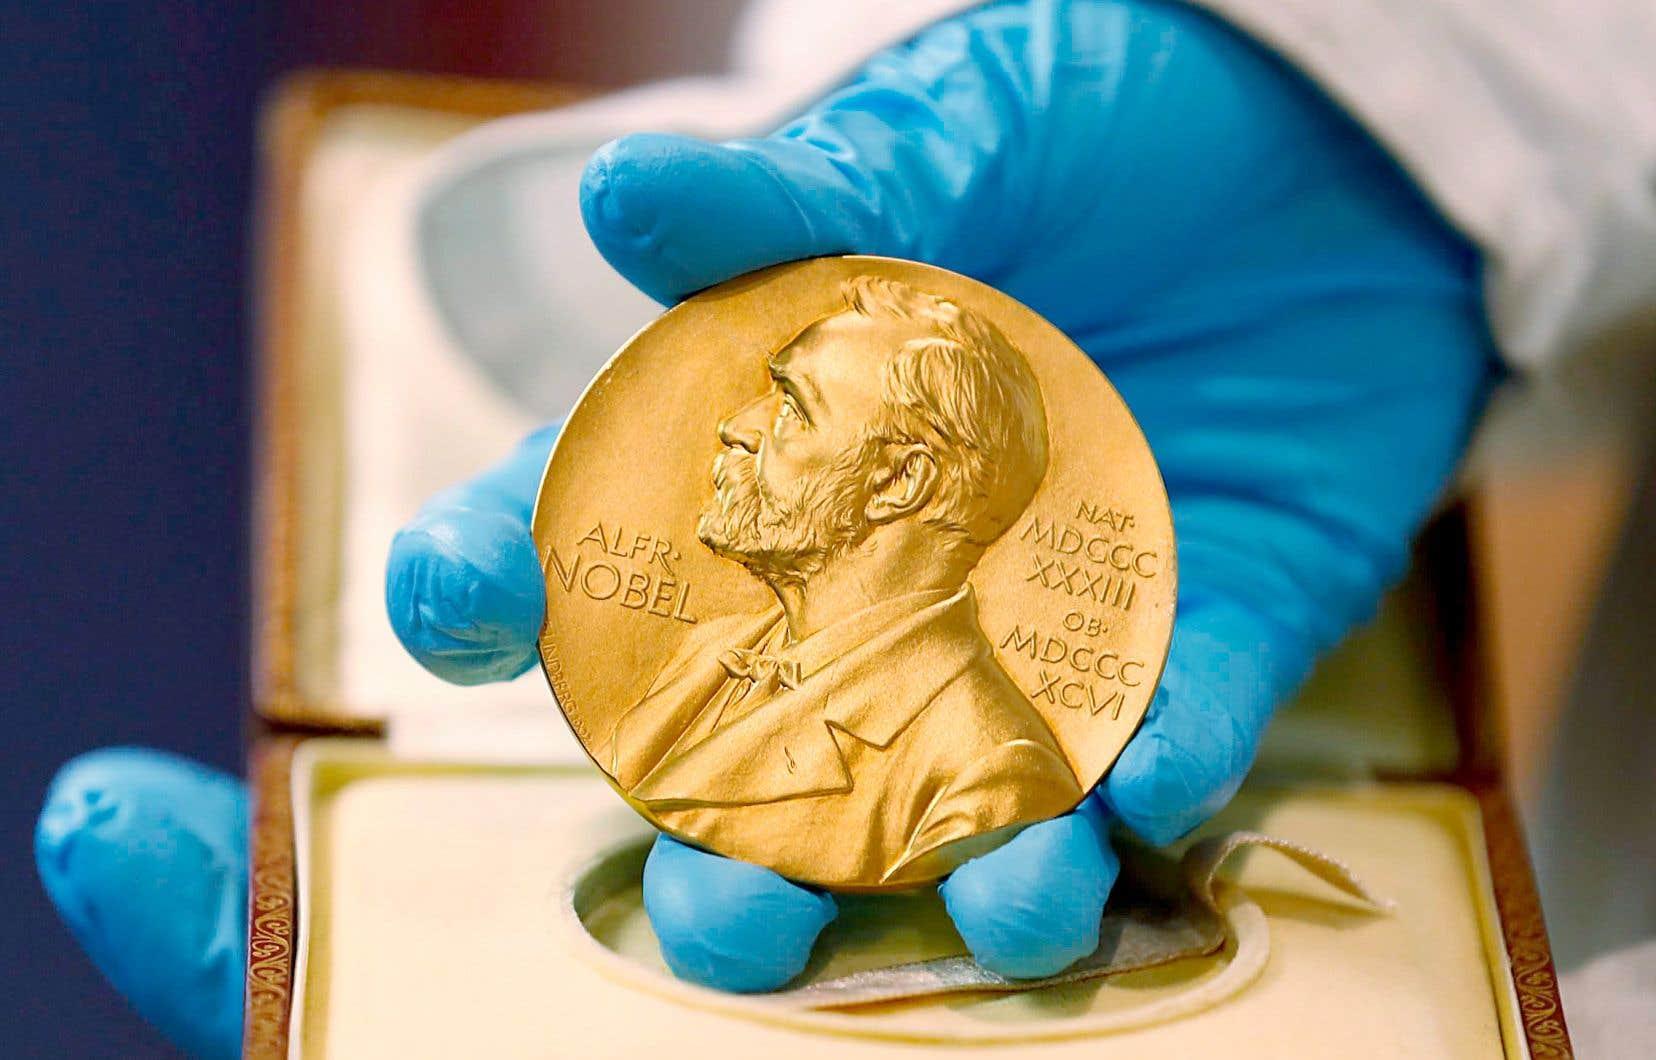 Avec le «prix Nobel d'économie», les stratèges de la Banque de Suède ont réussi à convertir du capital économique sonnant et trébuchant en «capital symbolique» de reconnaissance d'une discipline critiquée, pense l'auteur.